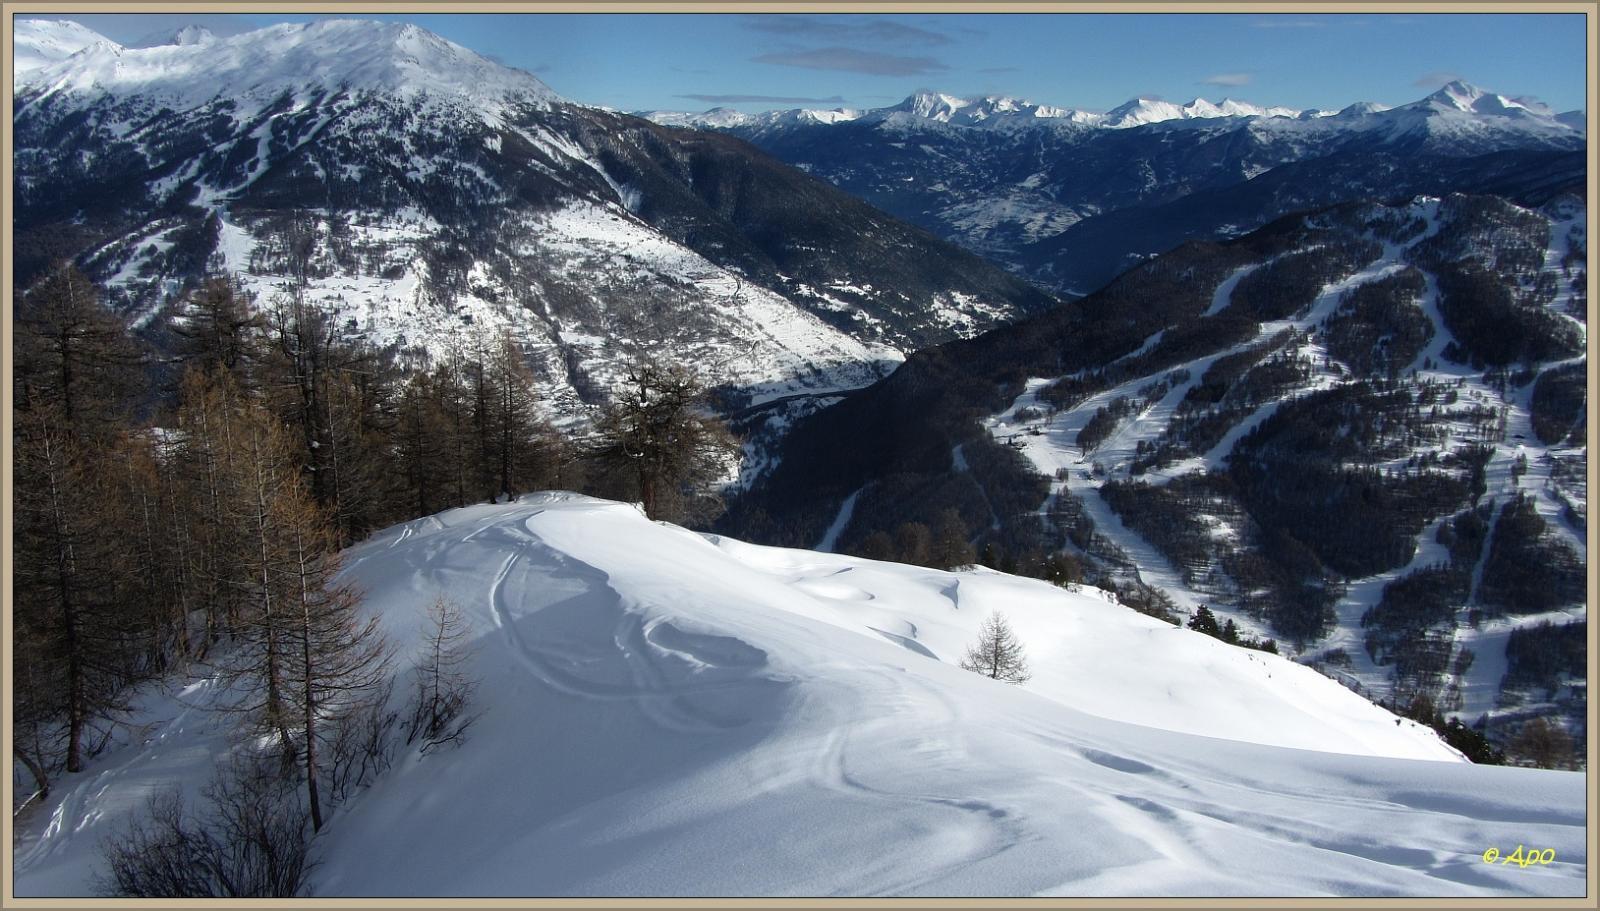 ...parte alta della discesa con vista sugli impianti sciistici di Bardonecchia e alta Valle Susa...